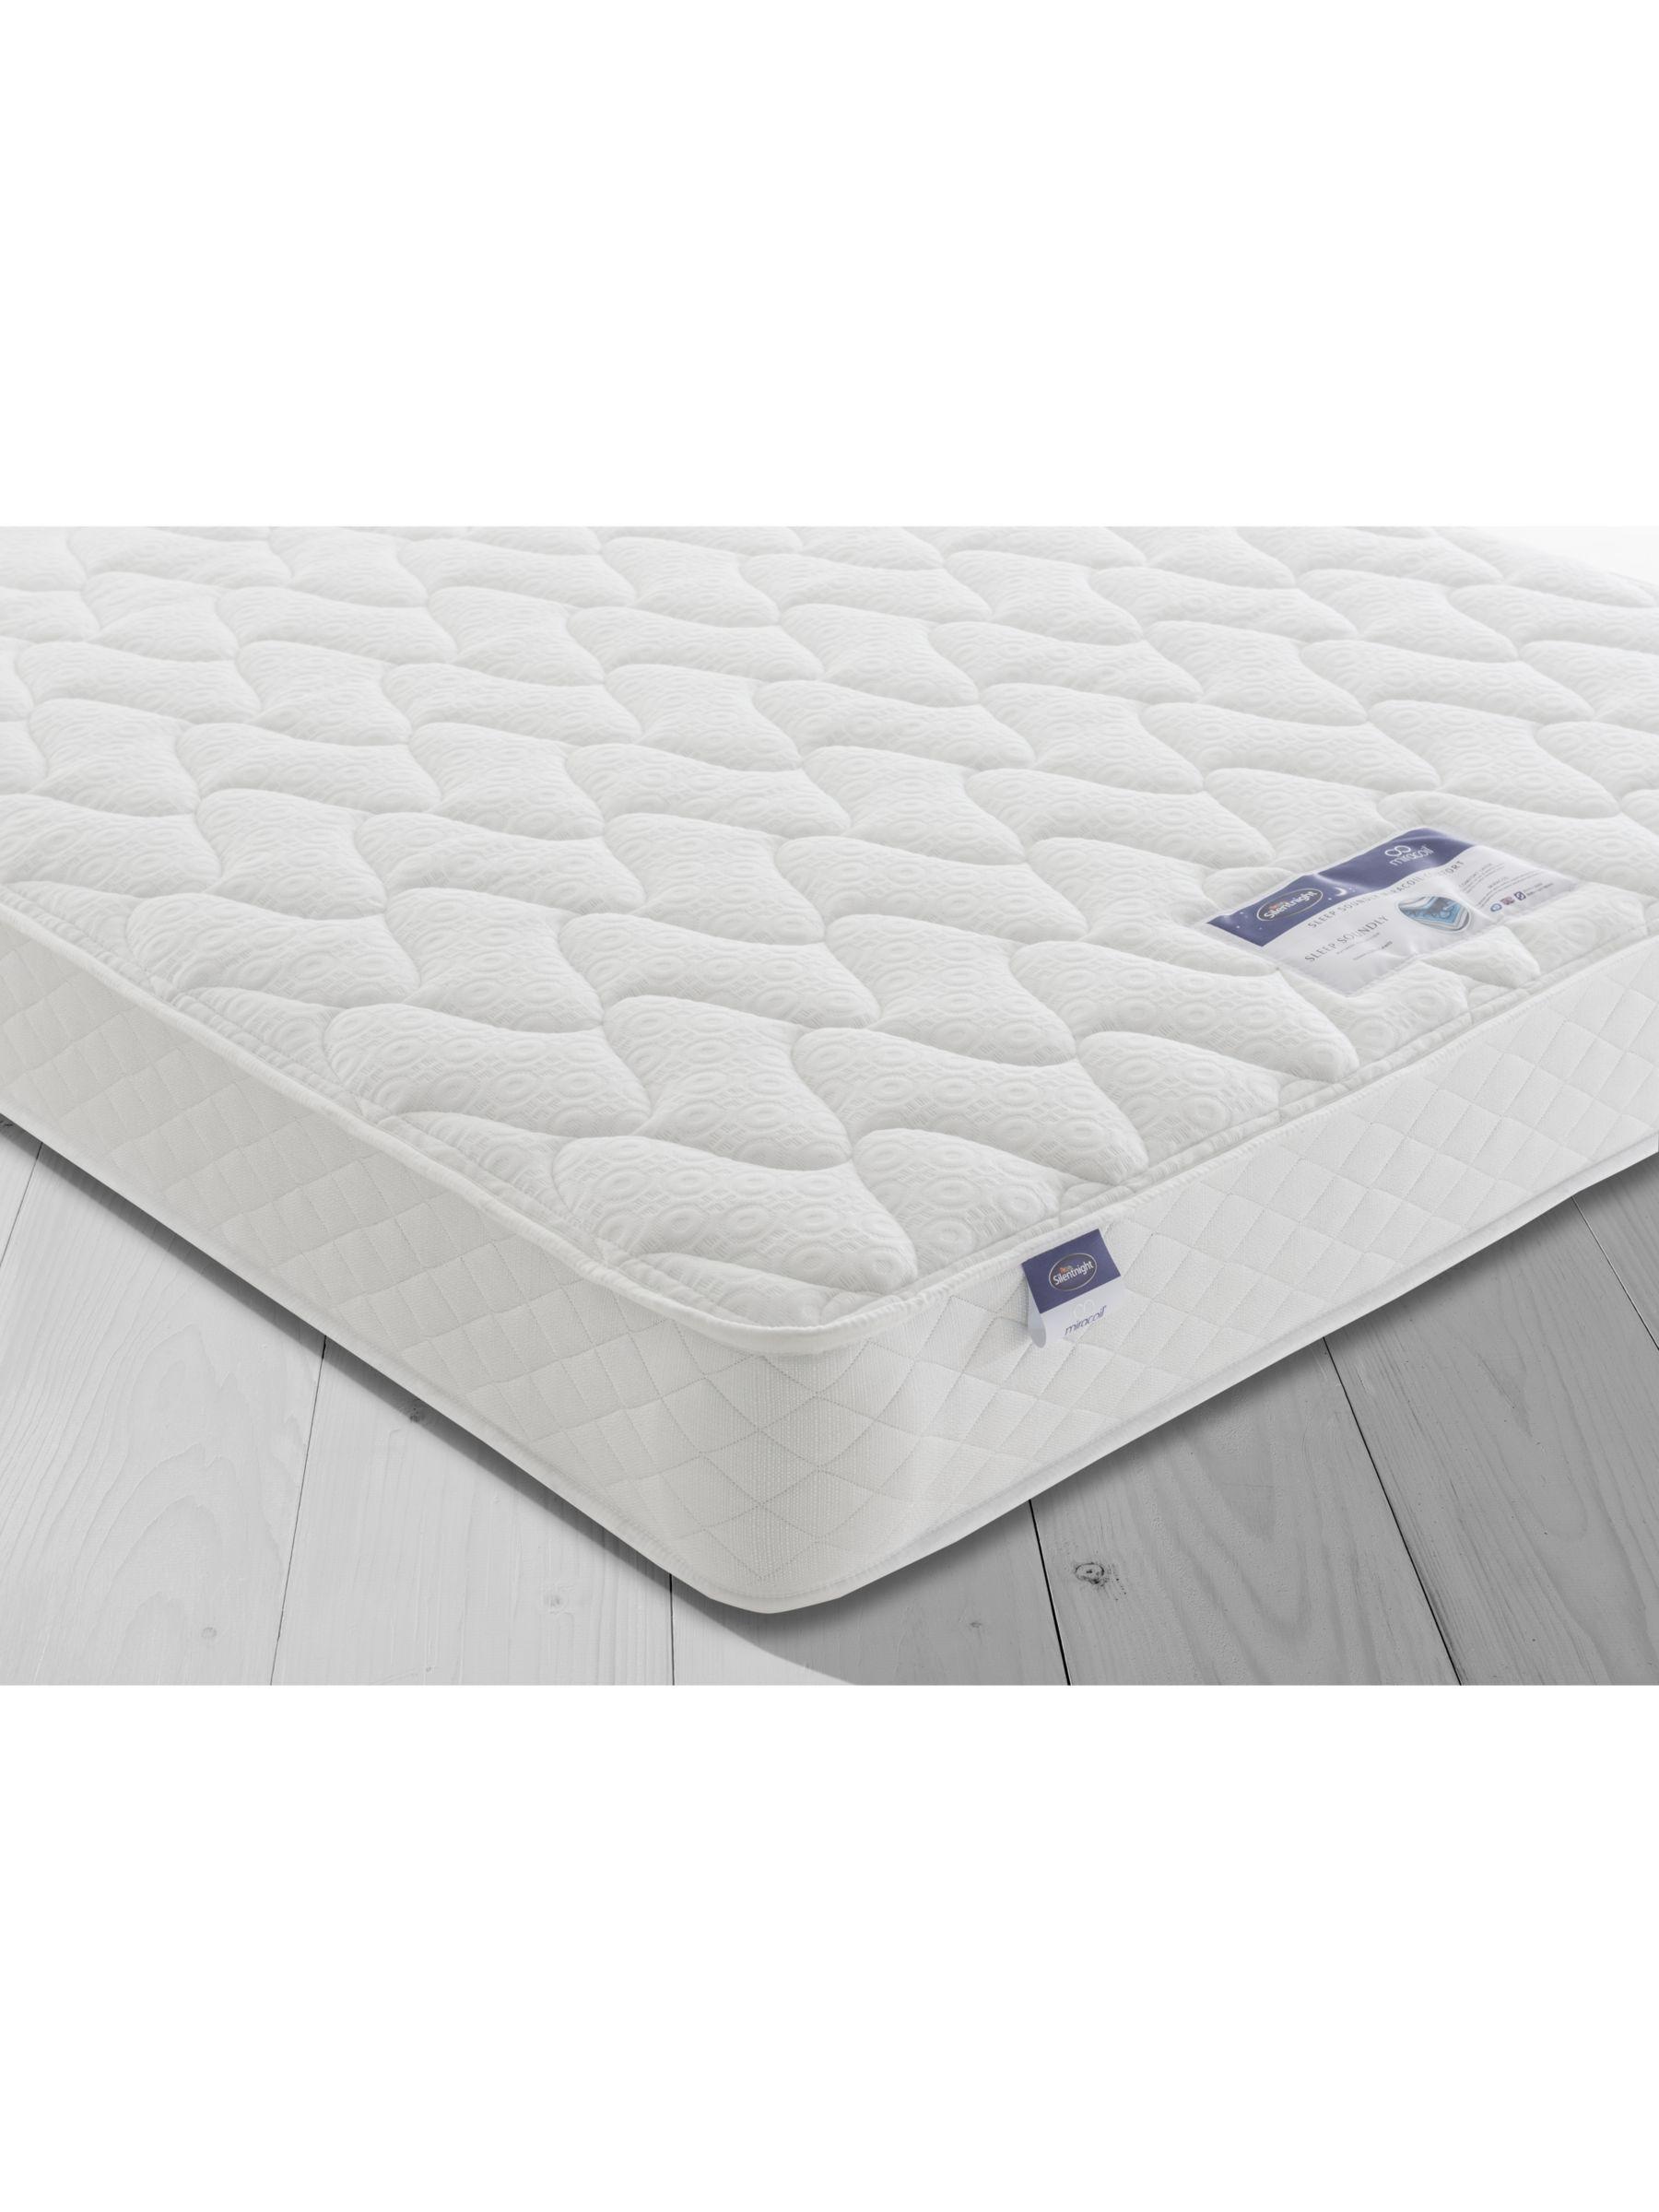 Silentnight Silentnight Sleep Soundly Miracoil Comfort Divan Base and Mattress Set, FSC-Certified (Picea Abies, Chipboard), Firm, King Size